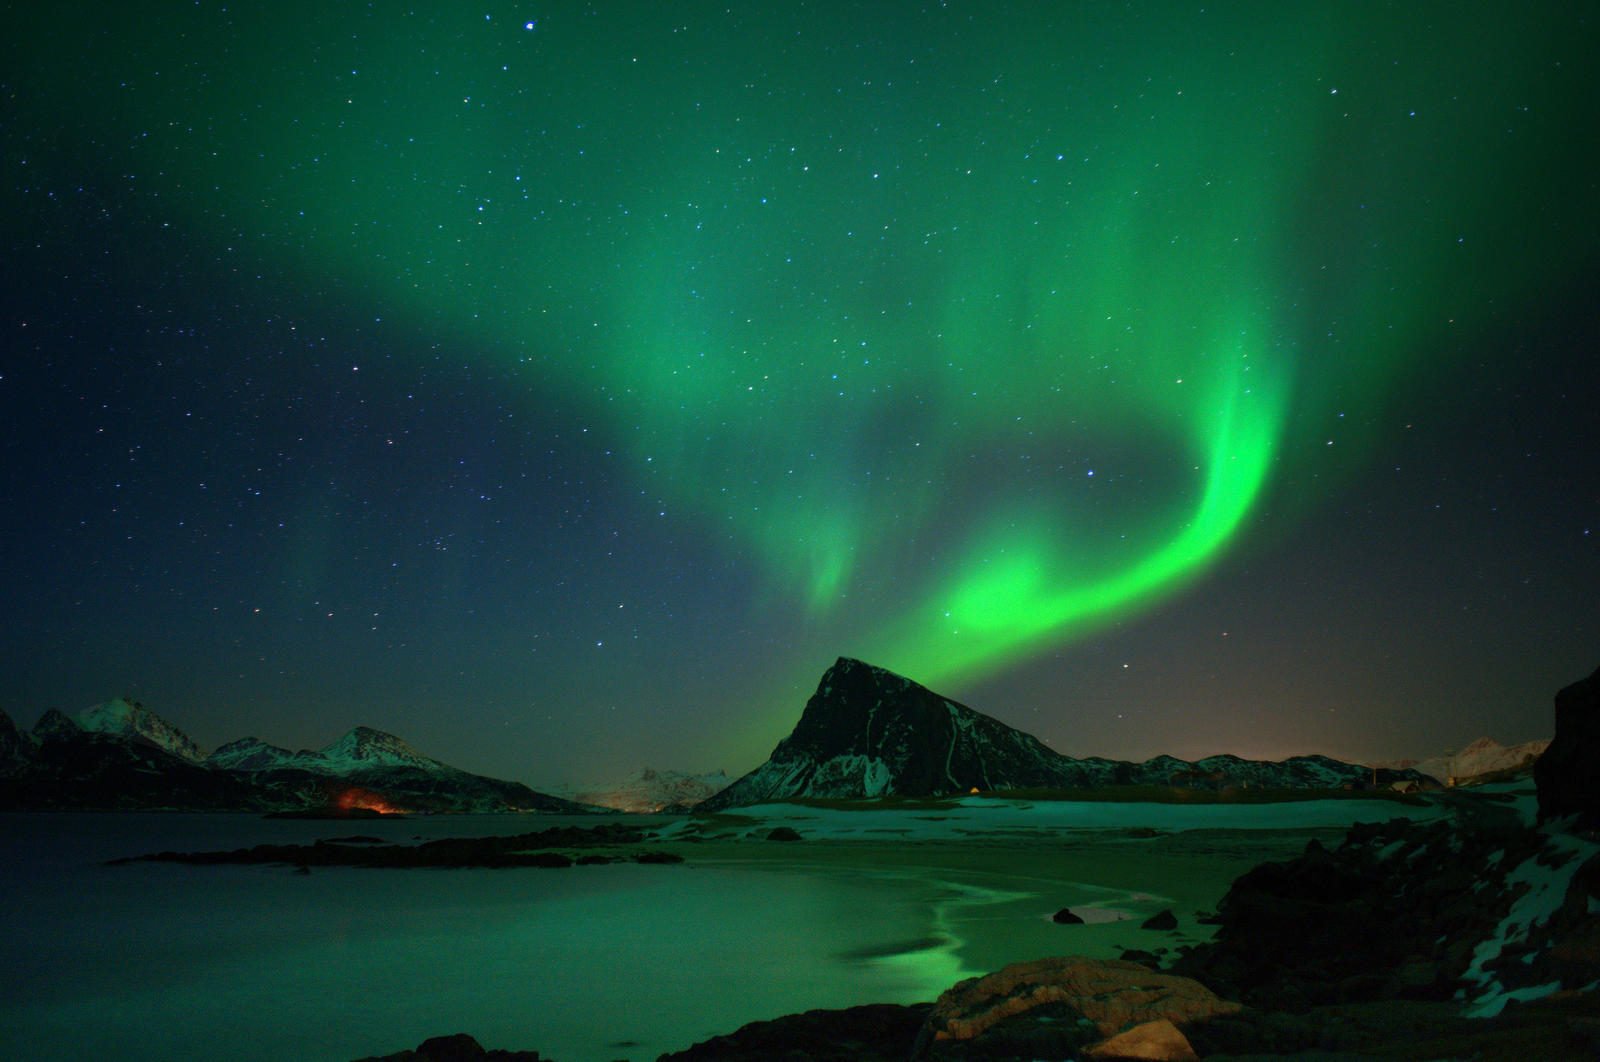 aurora_borealis_sec__ver__by_steinliland-d33f7ar.jpg